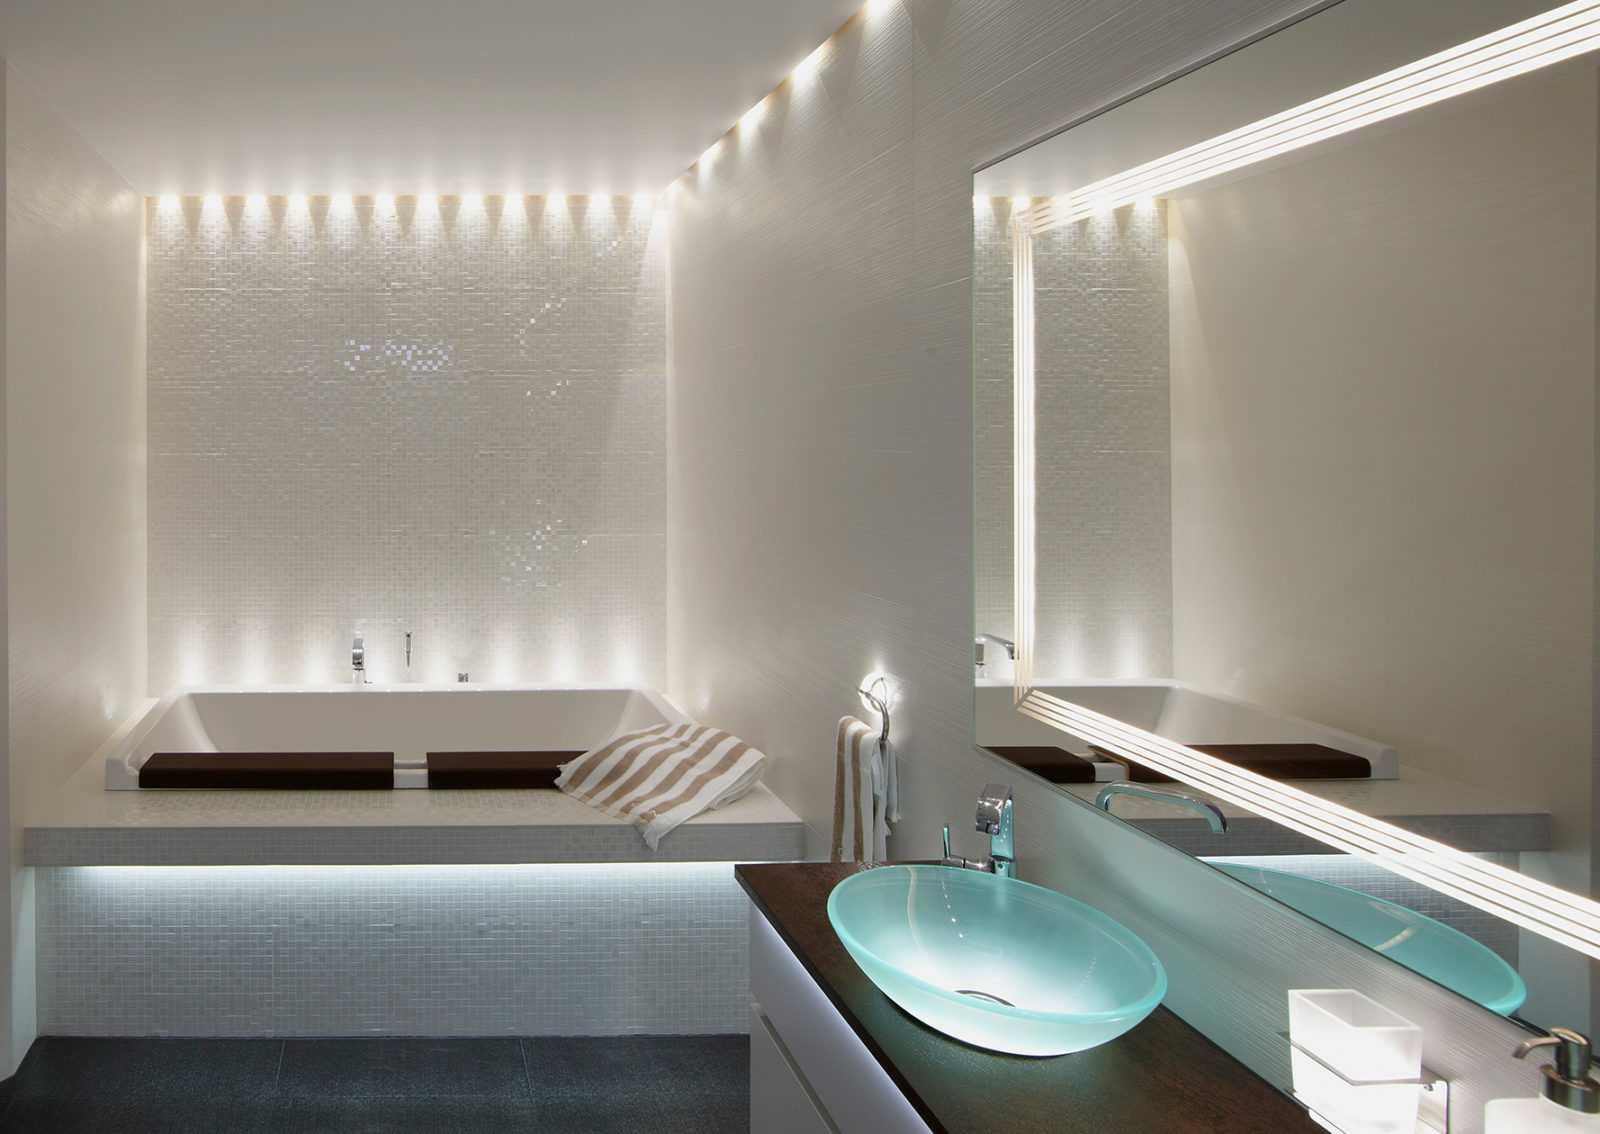 Как организовать освещение в ванной комнате: видео